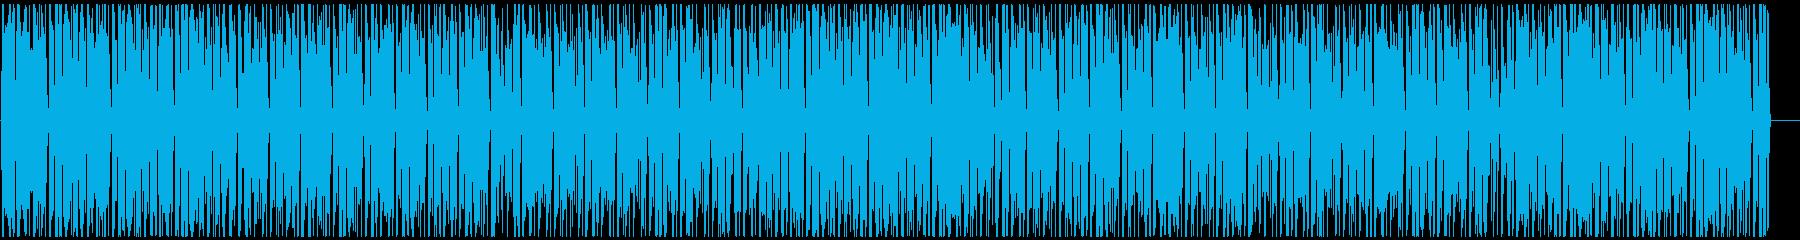 明るく賑やかなアフロビート レゲエ の再生済みの波形